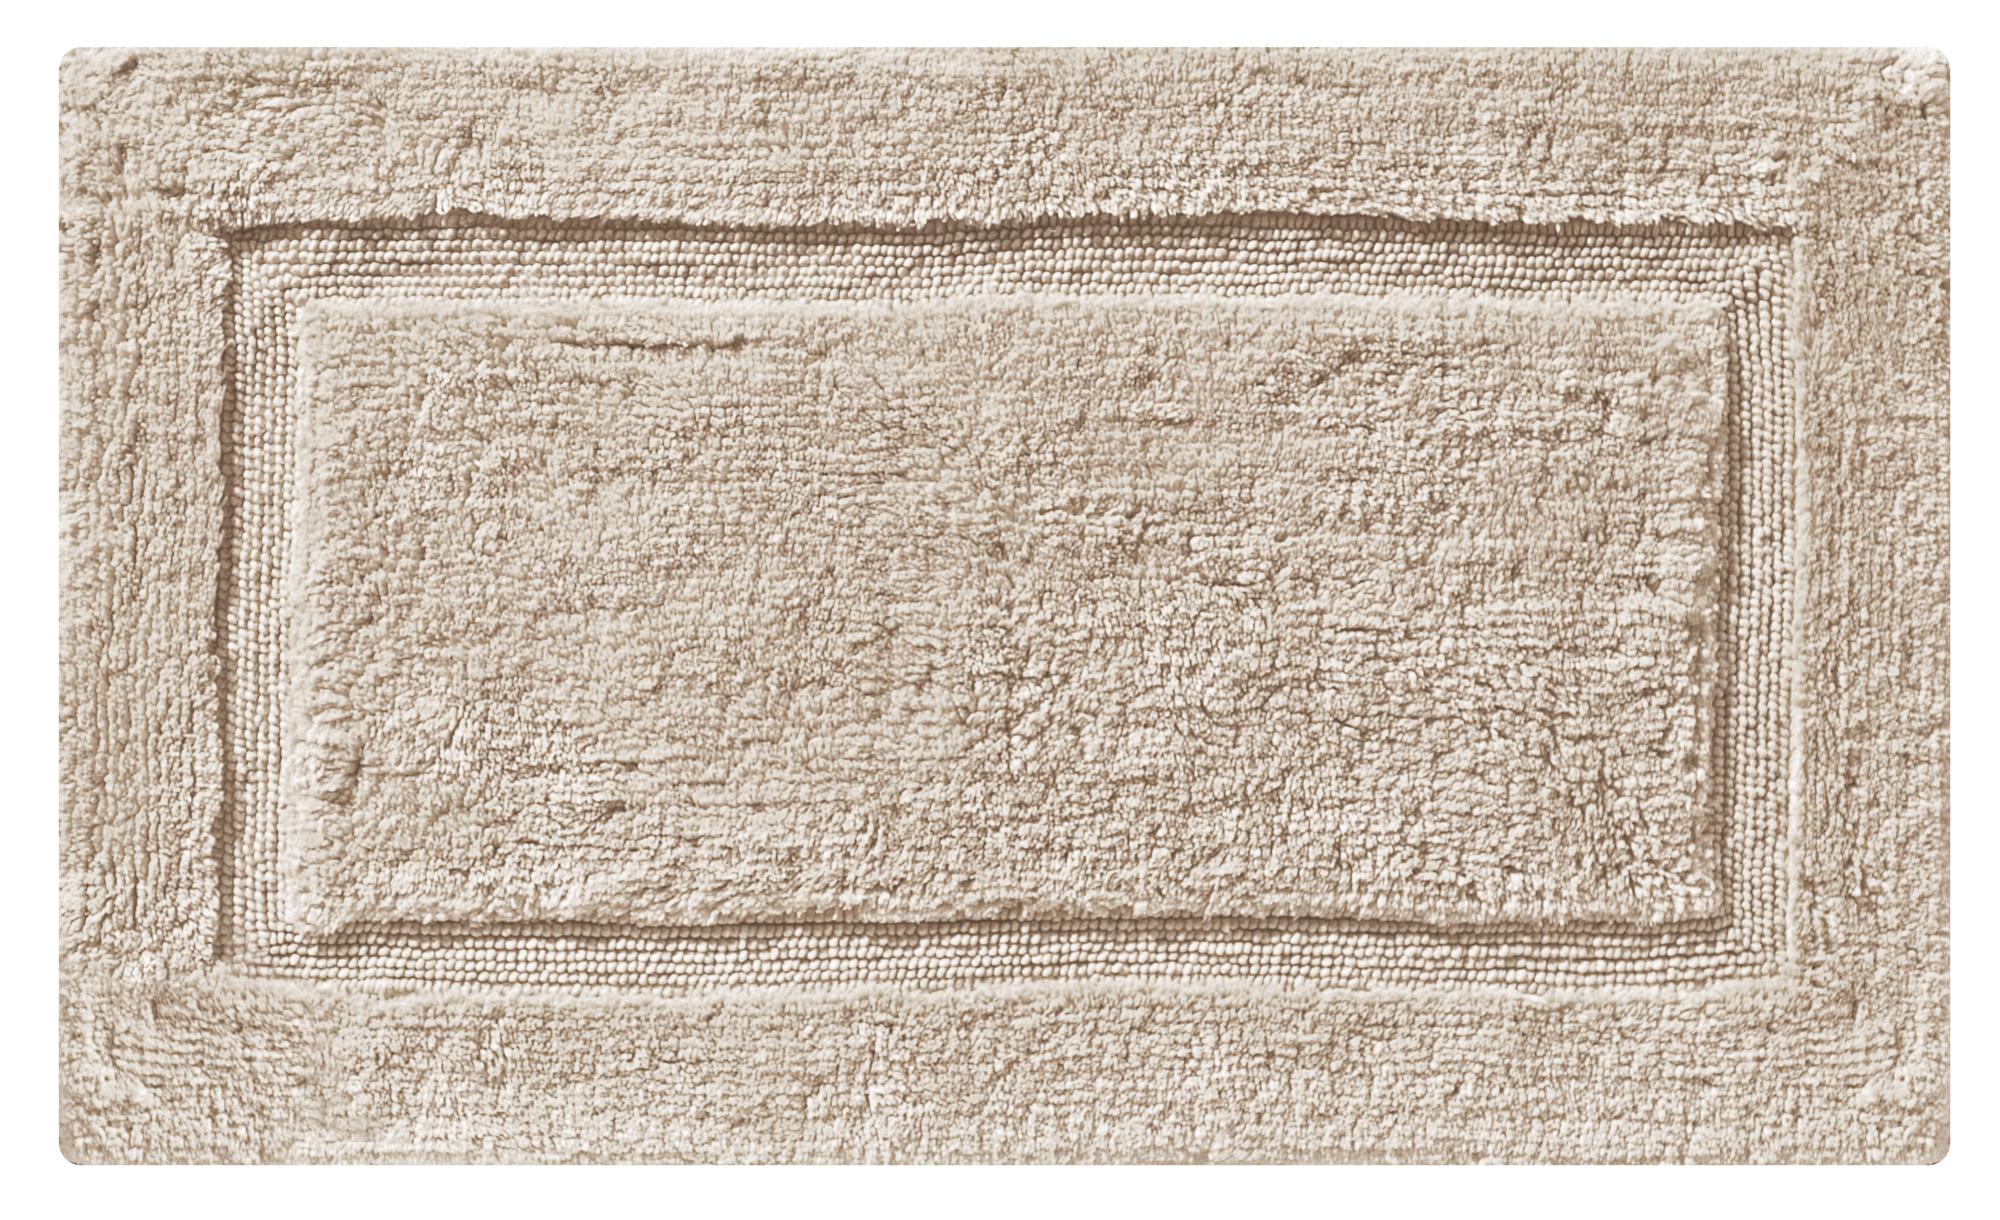 ΤΑΠΕΤΟ ΜΠΑΝΙΟΥ ΒΑΜΒ.50Χ80 BORDER ΜΠΕΖ